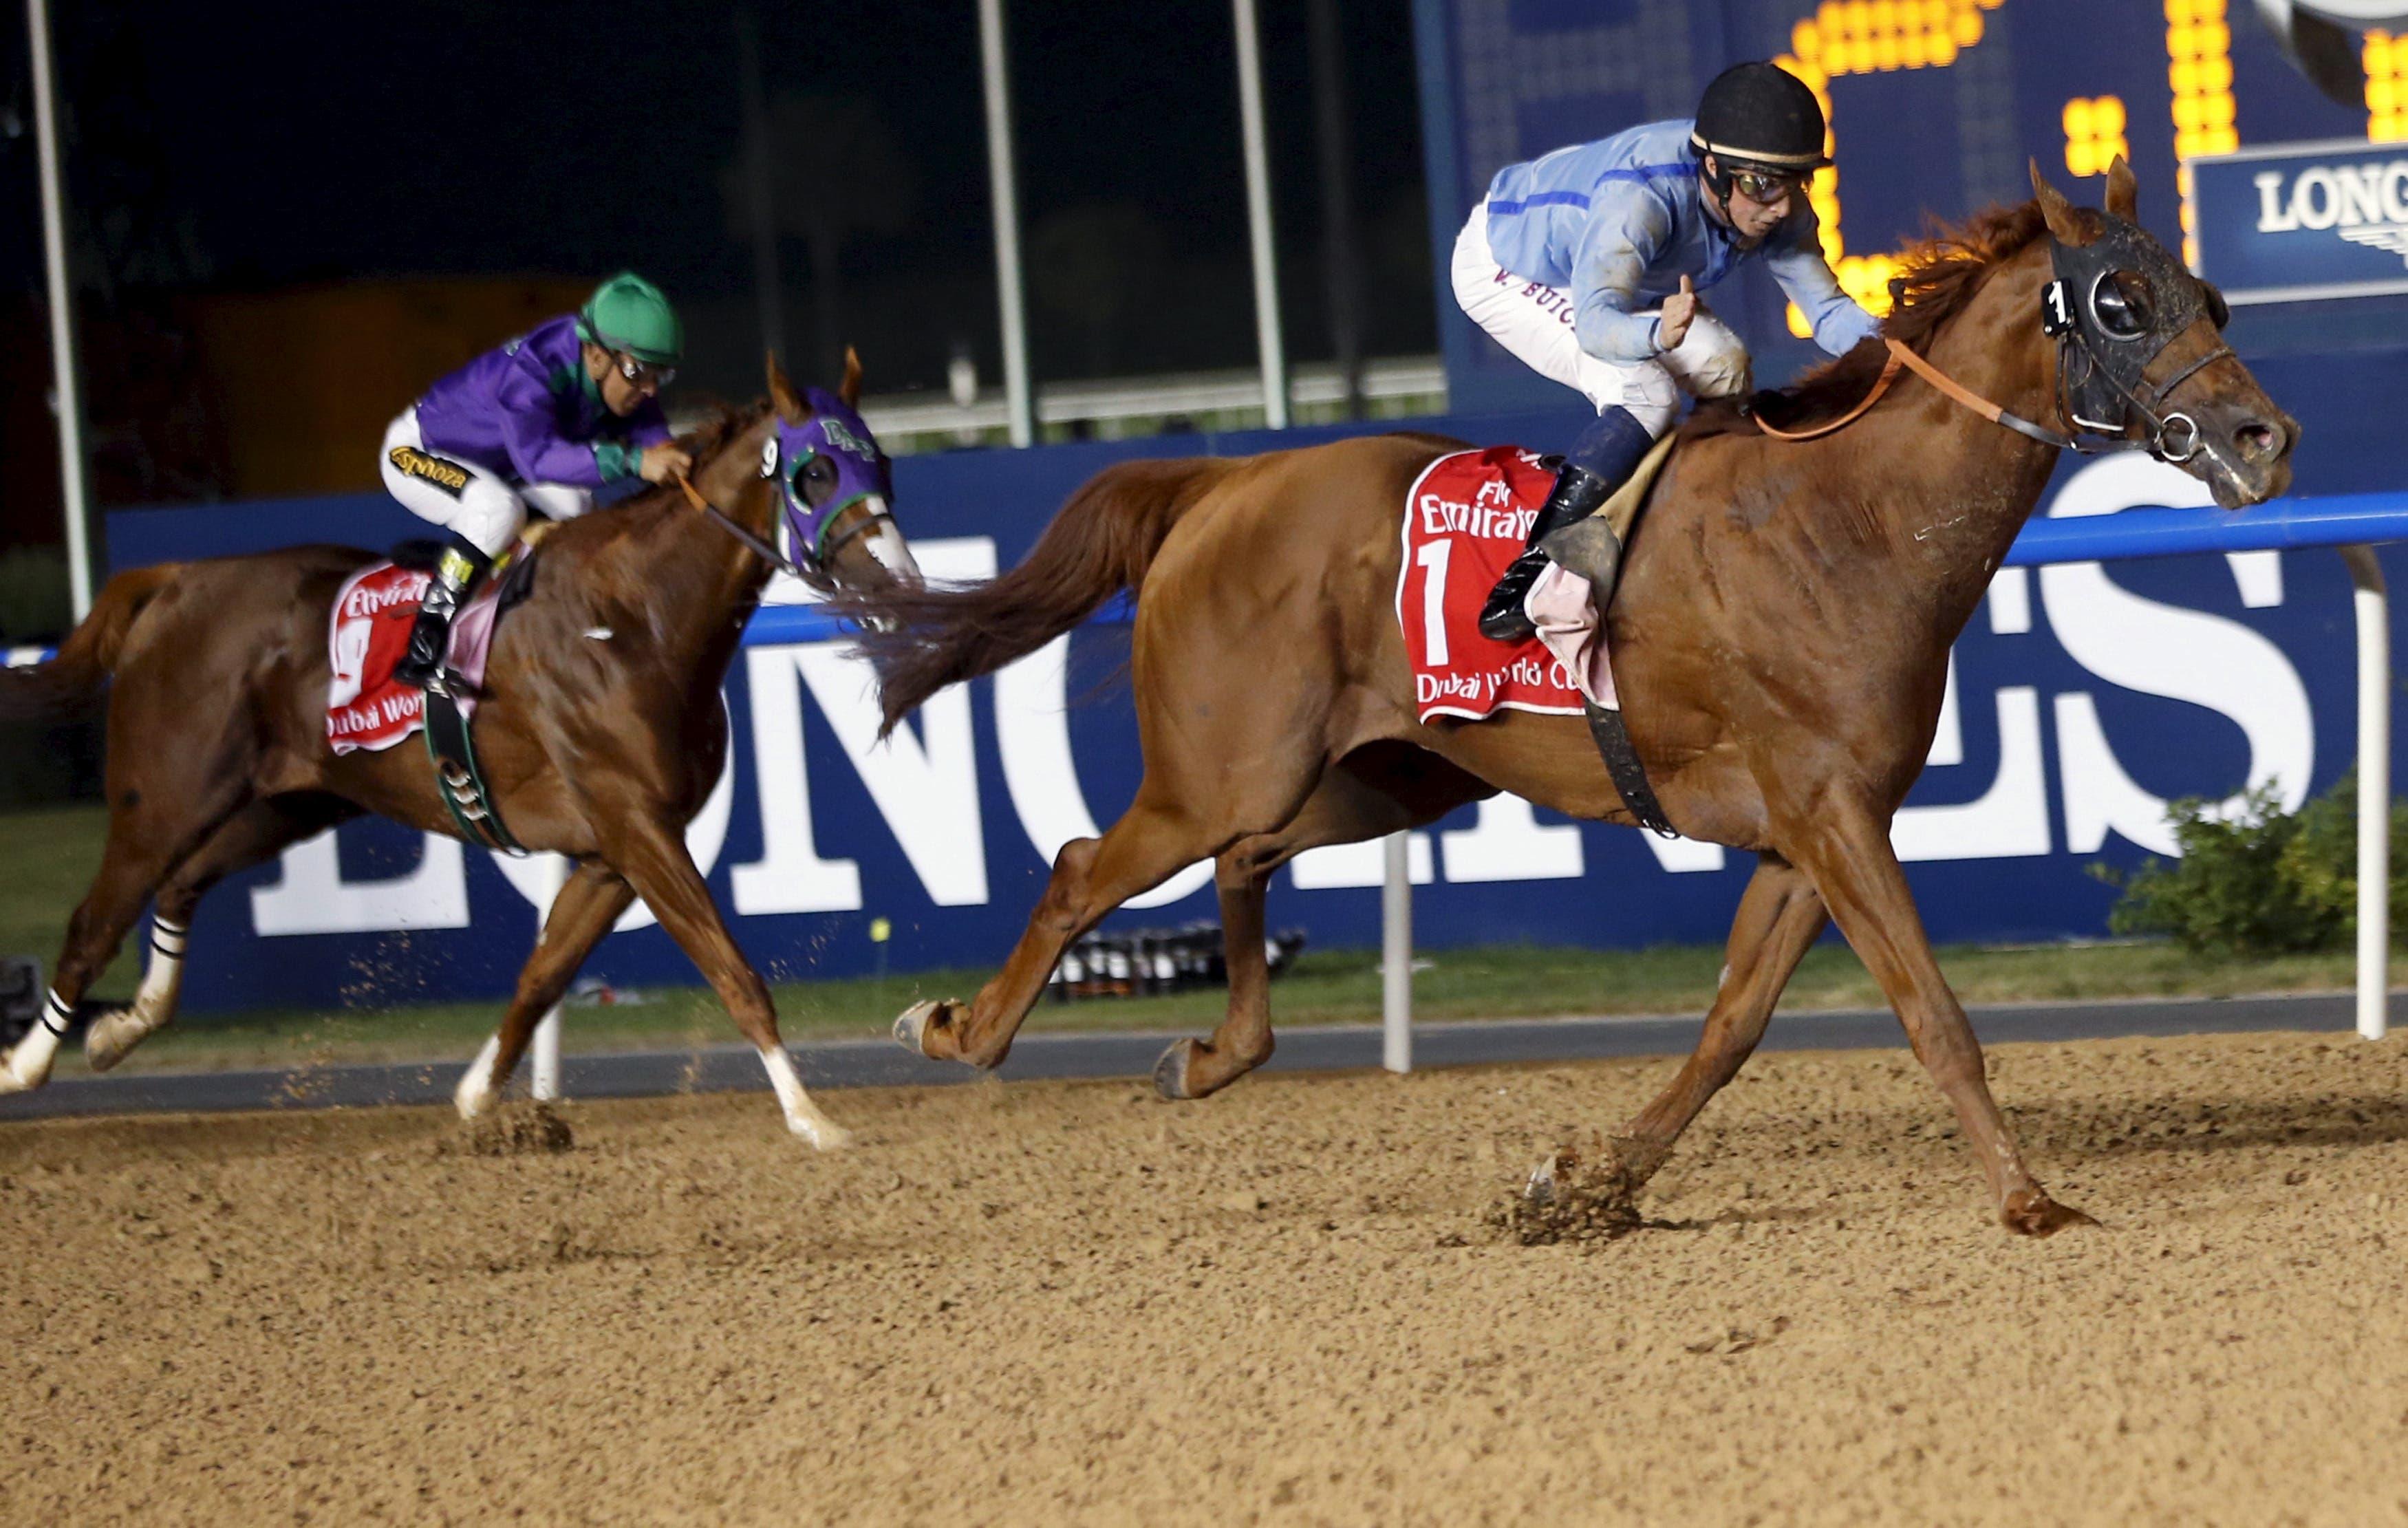 Hats and horses at Dubai World Cup